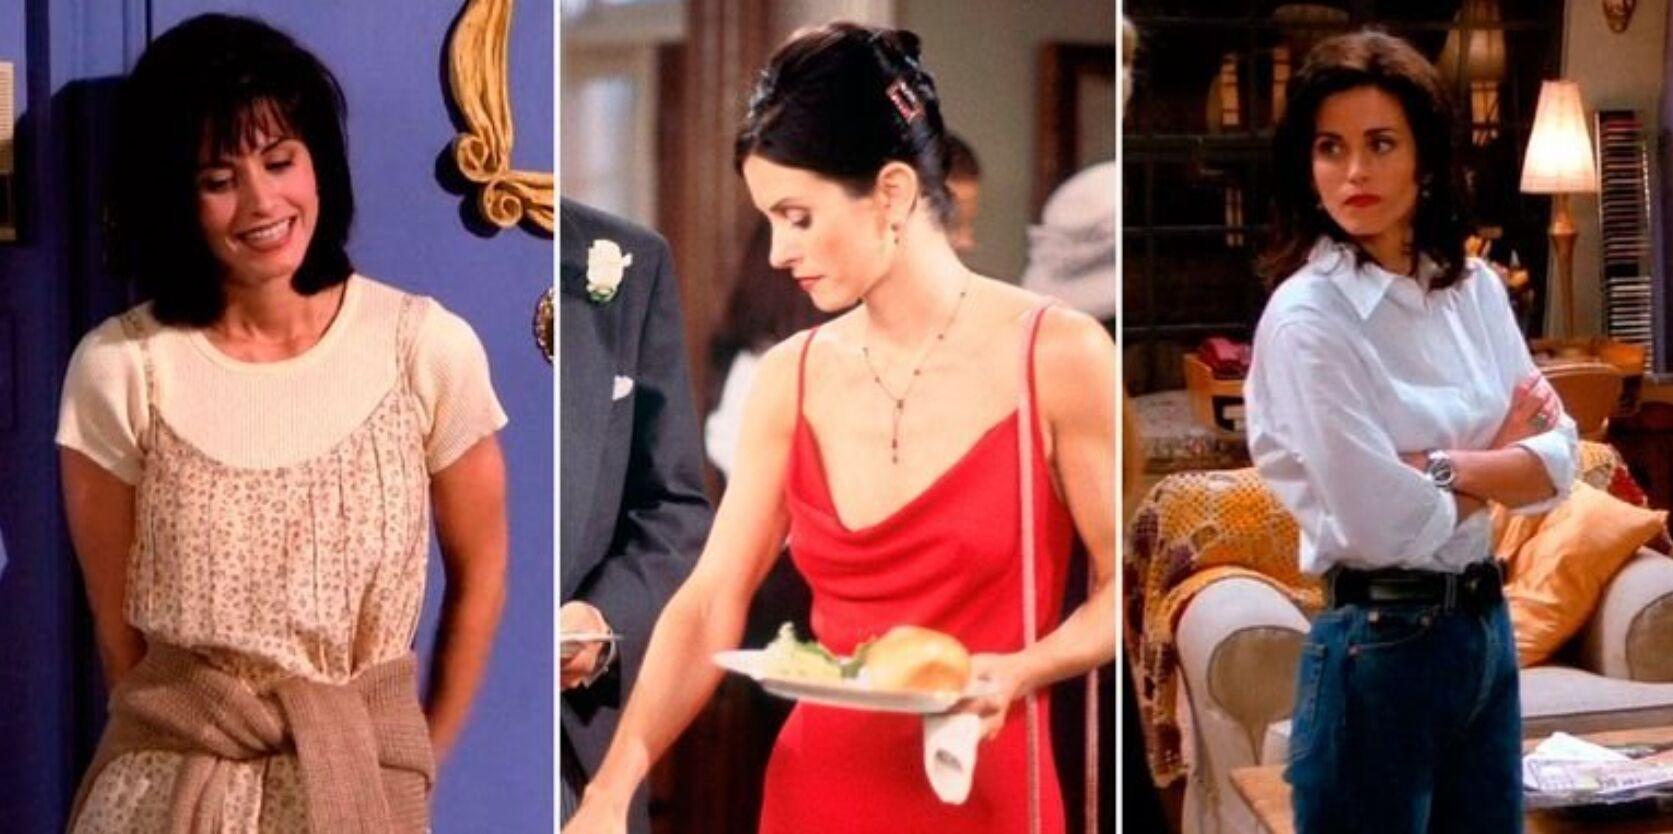 Трендовые сейчас сочетания сарафана с футболкой, белой рубашки оверсайз с джинсами и шелковые платья на примере Моники